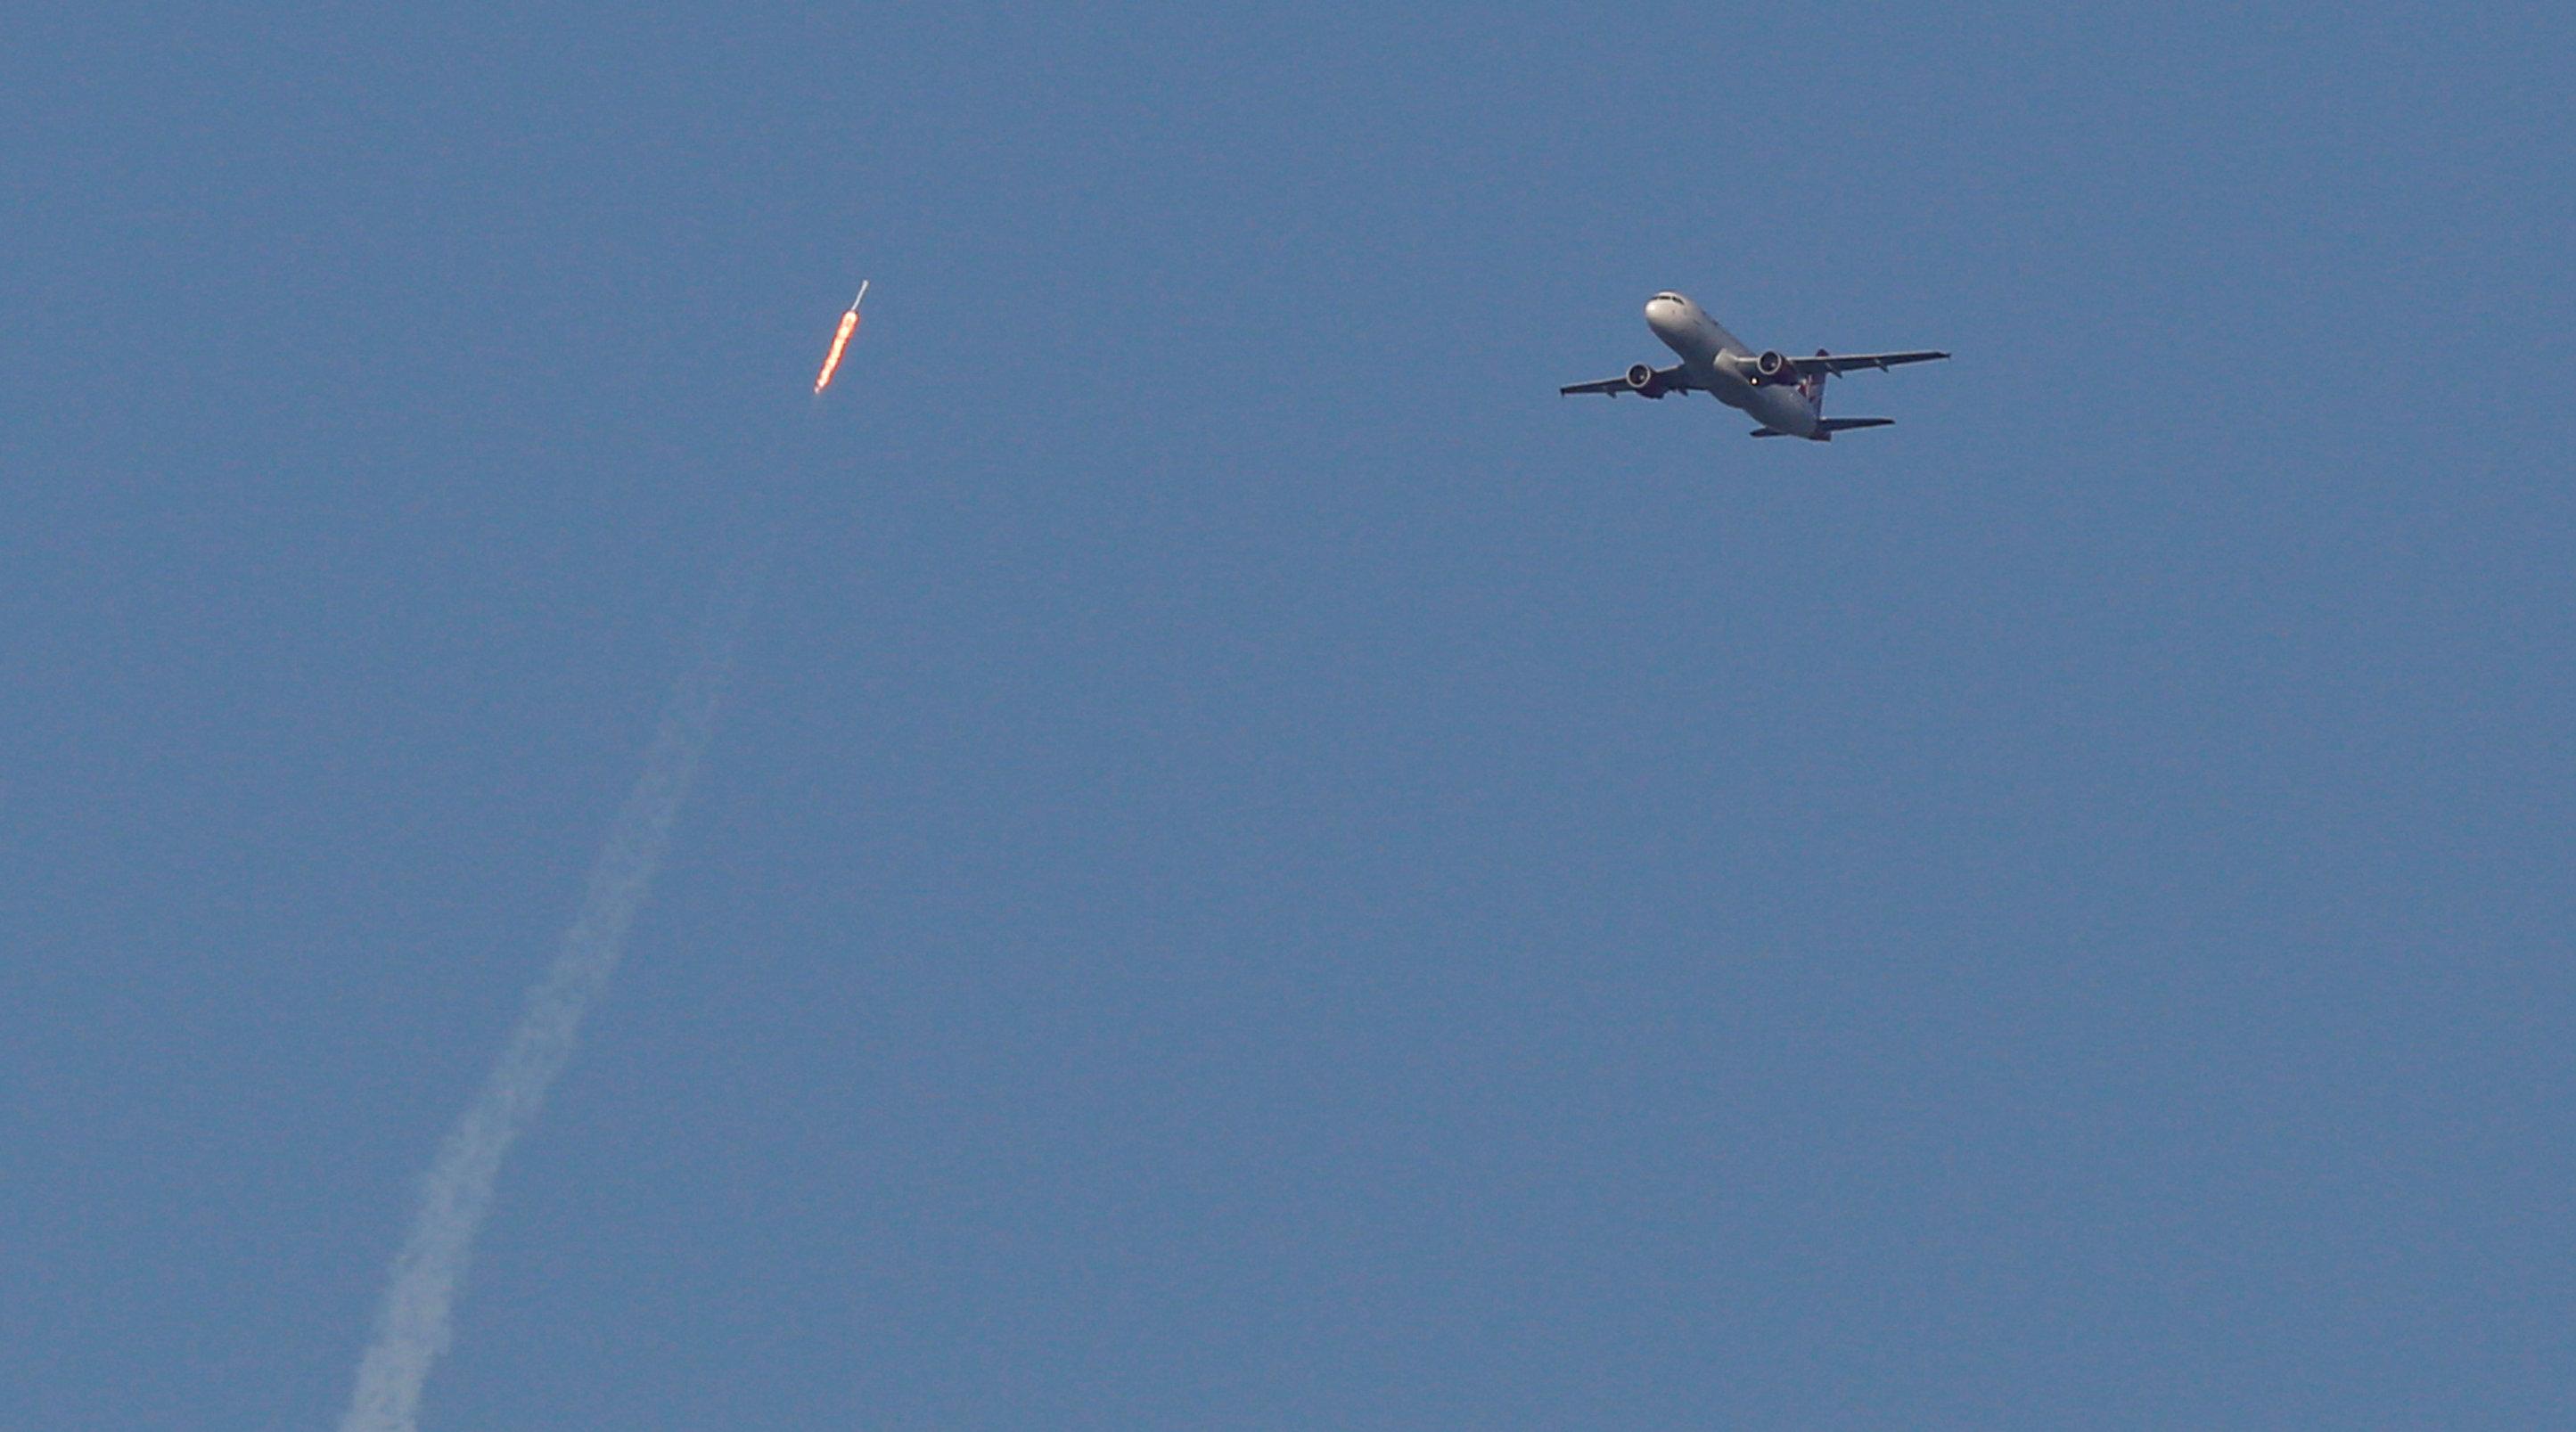 سبيس إكس تطلق أول صاروخ مستعمل فى اختبار لخطط تخفيض النفقات